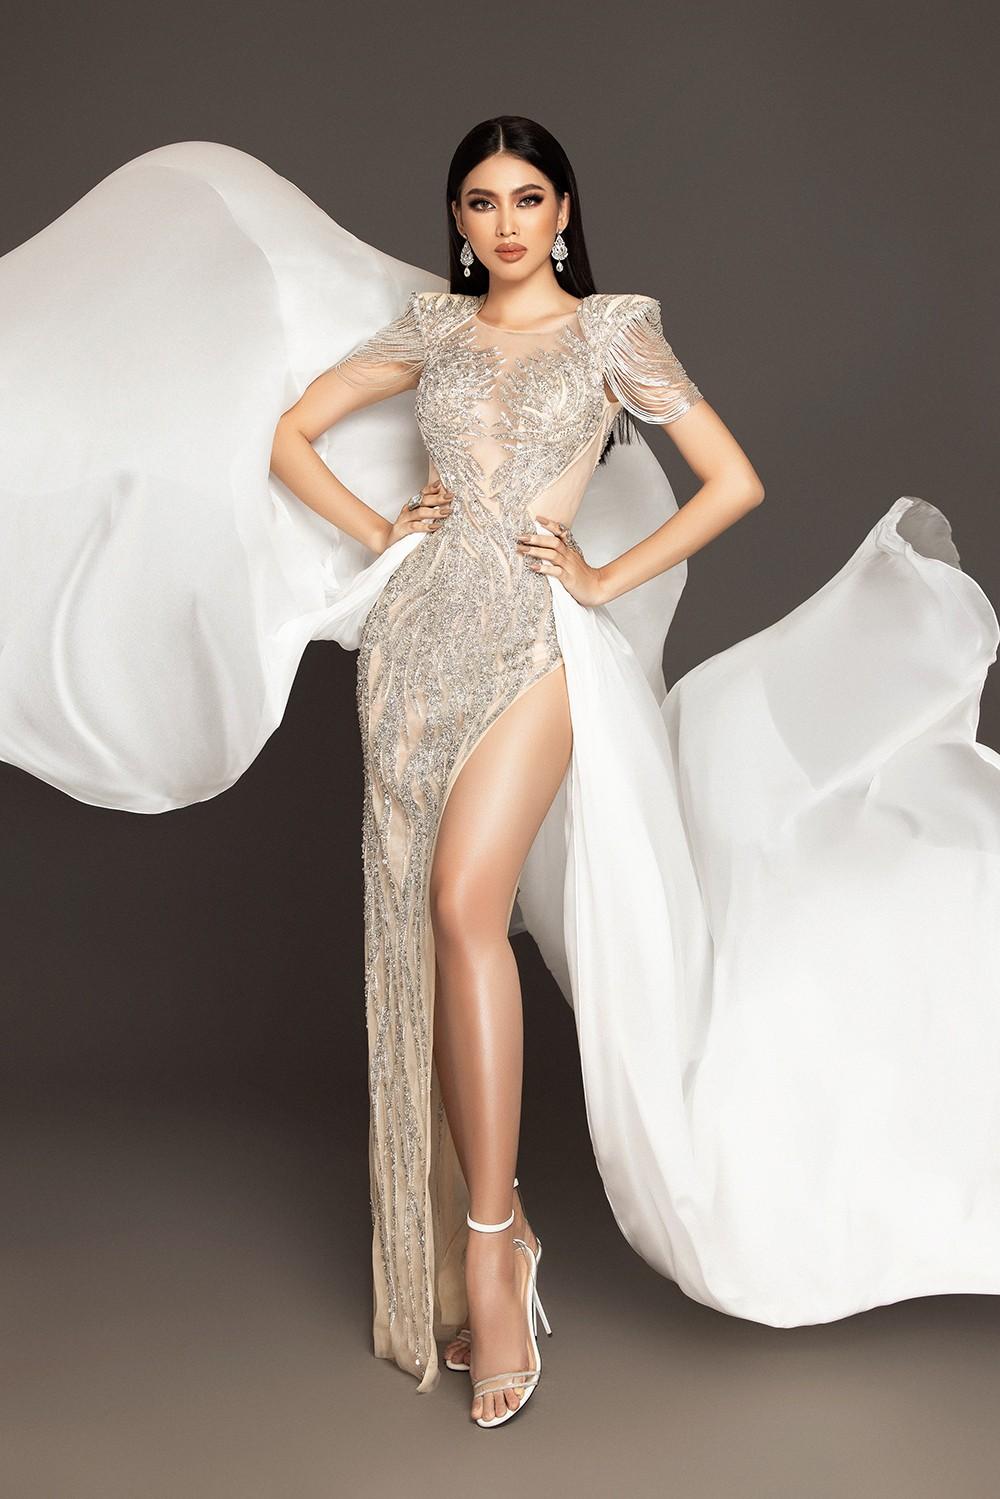 Lộ diện váy dạ hội mang thông điệp hòa bình của Ngọc Thảo tại bán kết Miss Grand ảnh 1